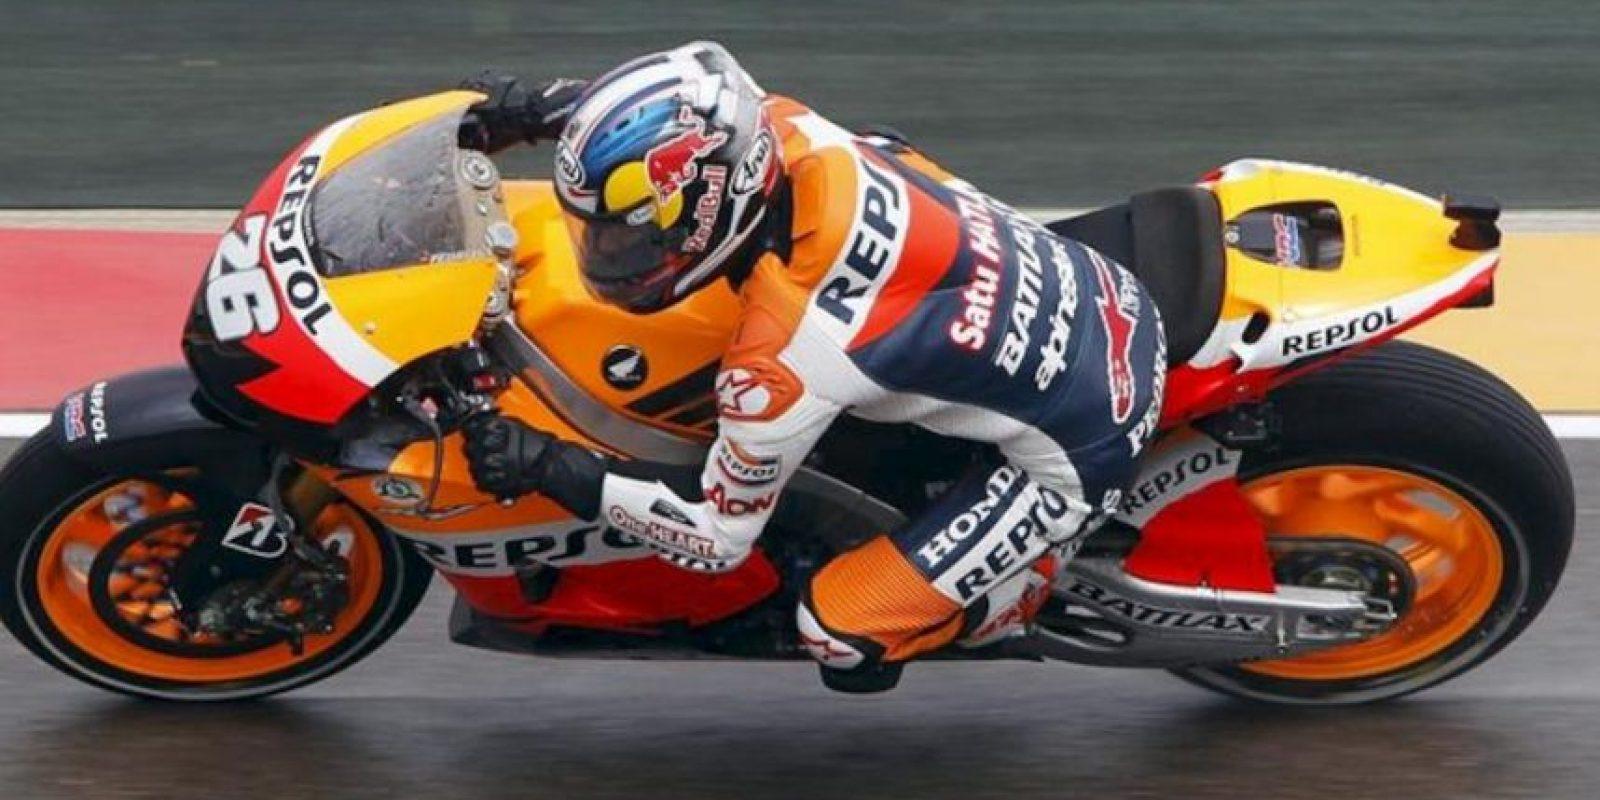 El piloto español de MotoGP, Dani Pedrosa (Honda), durante la segunda sesión de entrenamientos libres disputados en el Circuito Motorland de Alcañiz (Teruel), previo al Gran Premio de Aragón que se disputará este fin de semana. EFE